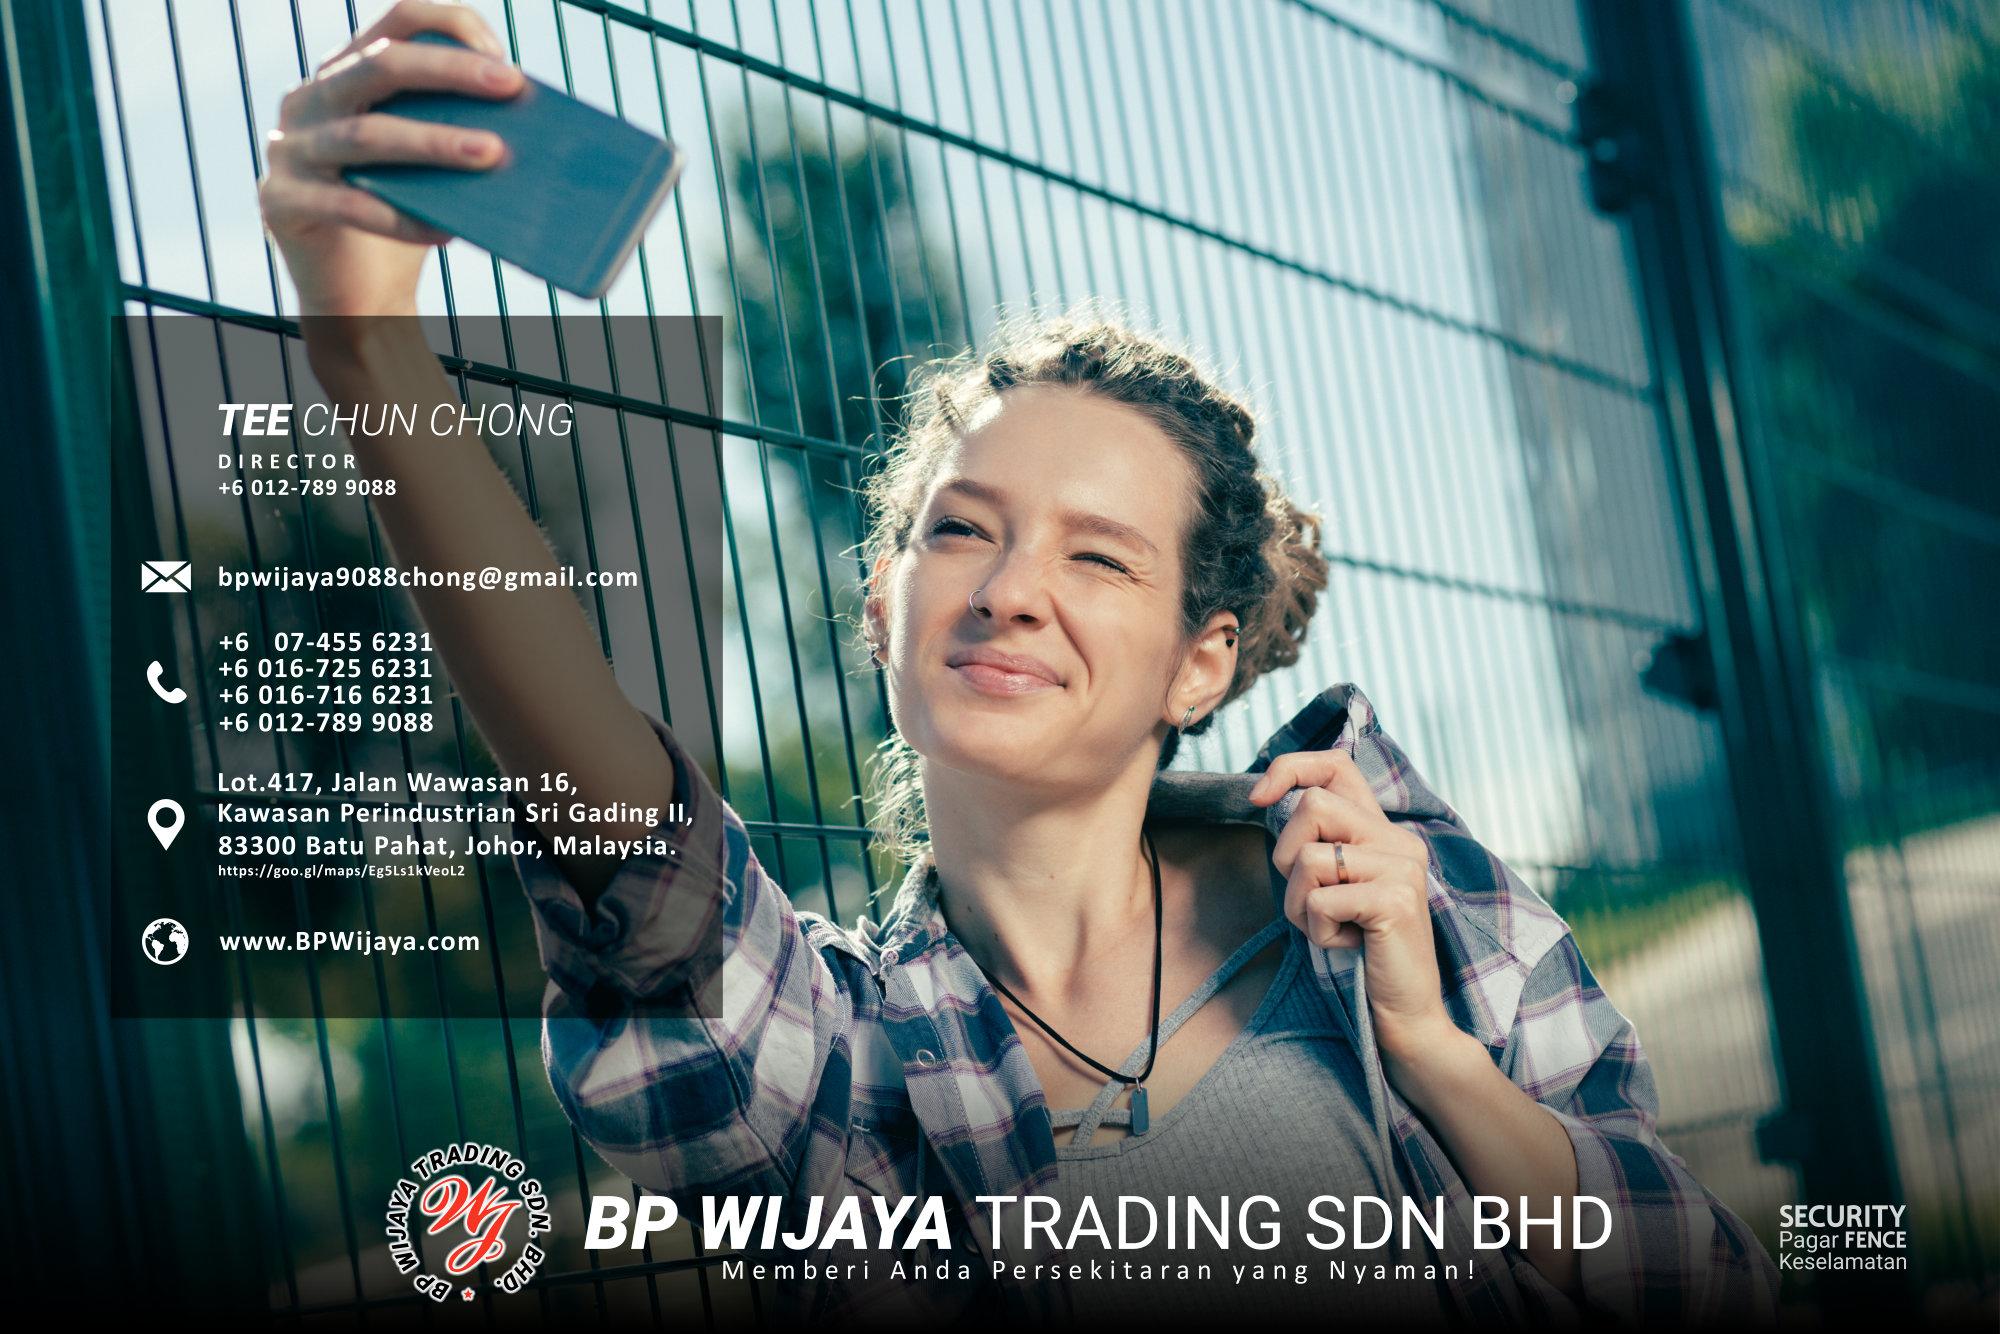 Pembekal Kuala Lumpur Pagar Keselamatan kami merupakan pengilang pagar keselamatan BP Wijaya Trading Sdn Bhd Pagar Taman Pagar Bangunan Pagar Kilang Pagar Rumah Pemborong Pagar Keselamatan A03-004